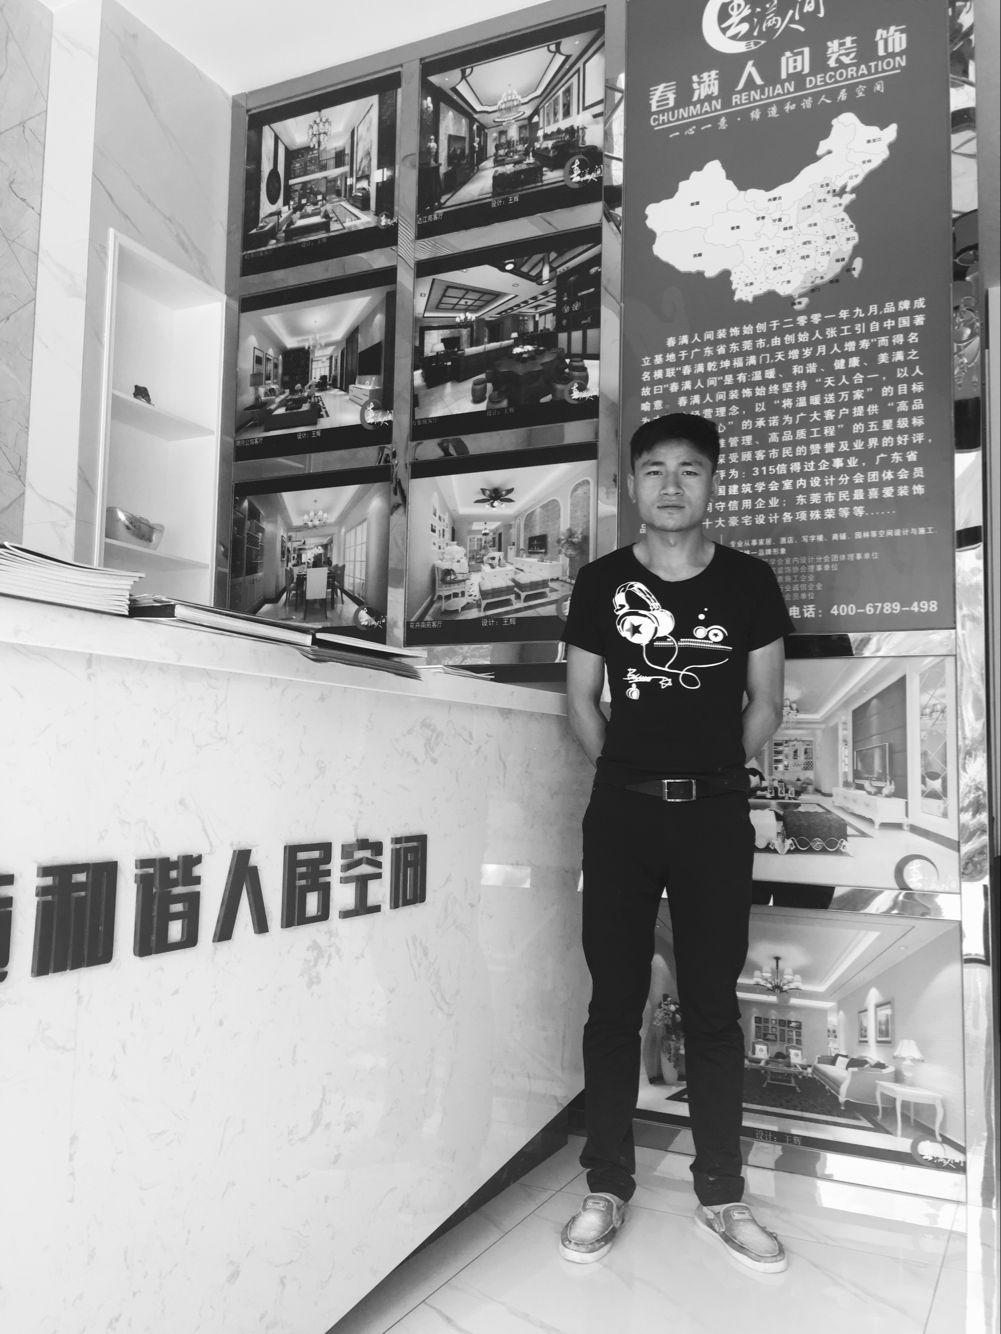 徐唐佑(工程监理)